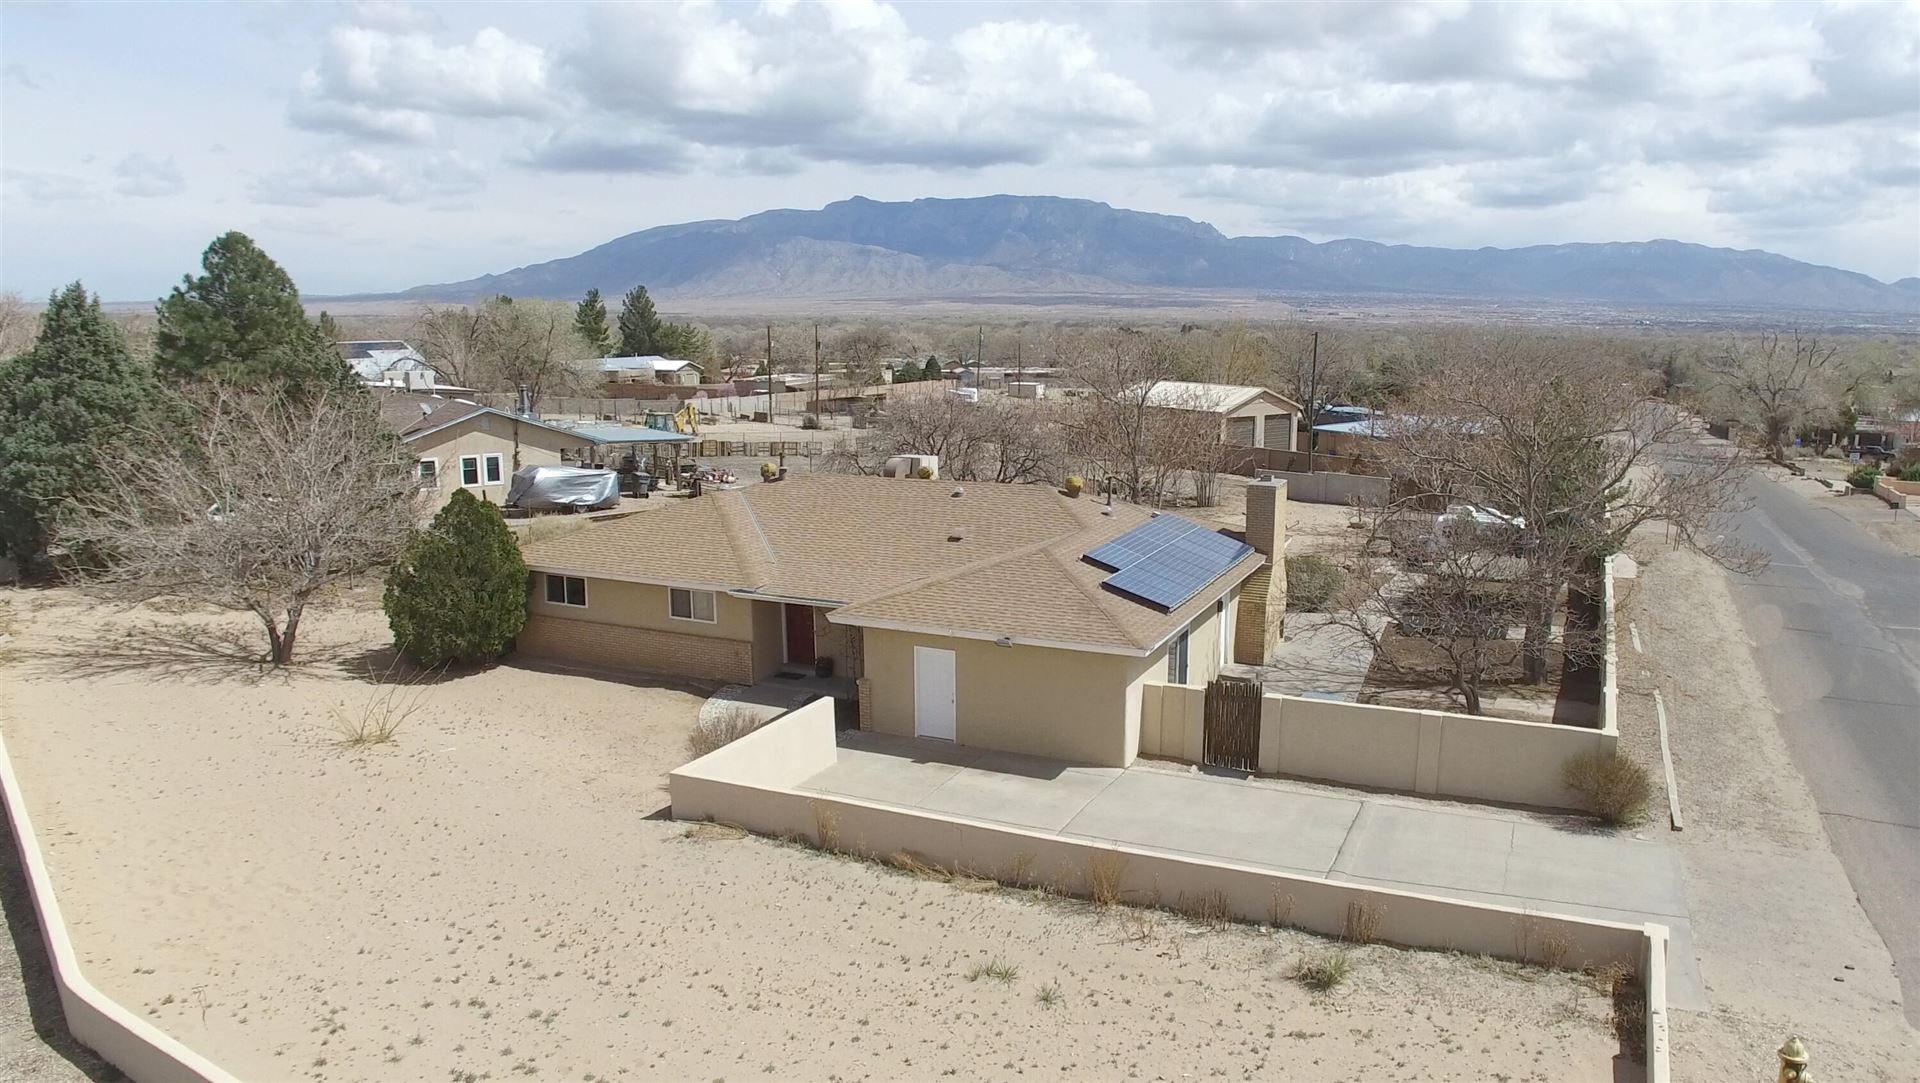 Photo of 10600 CALLE DE ELENA, Corrales, NM 87048 (MLS # 987687)